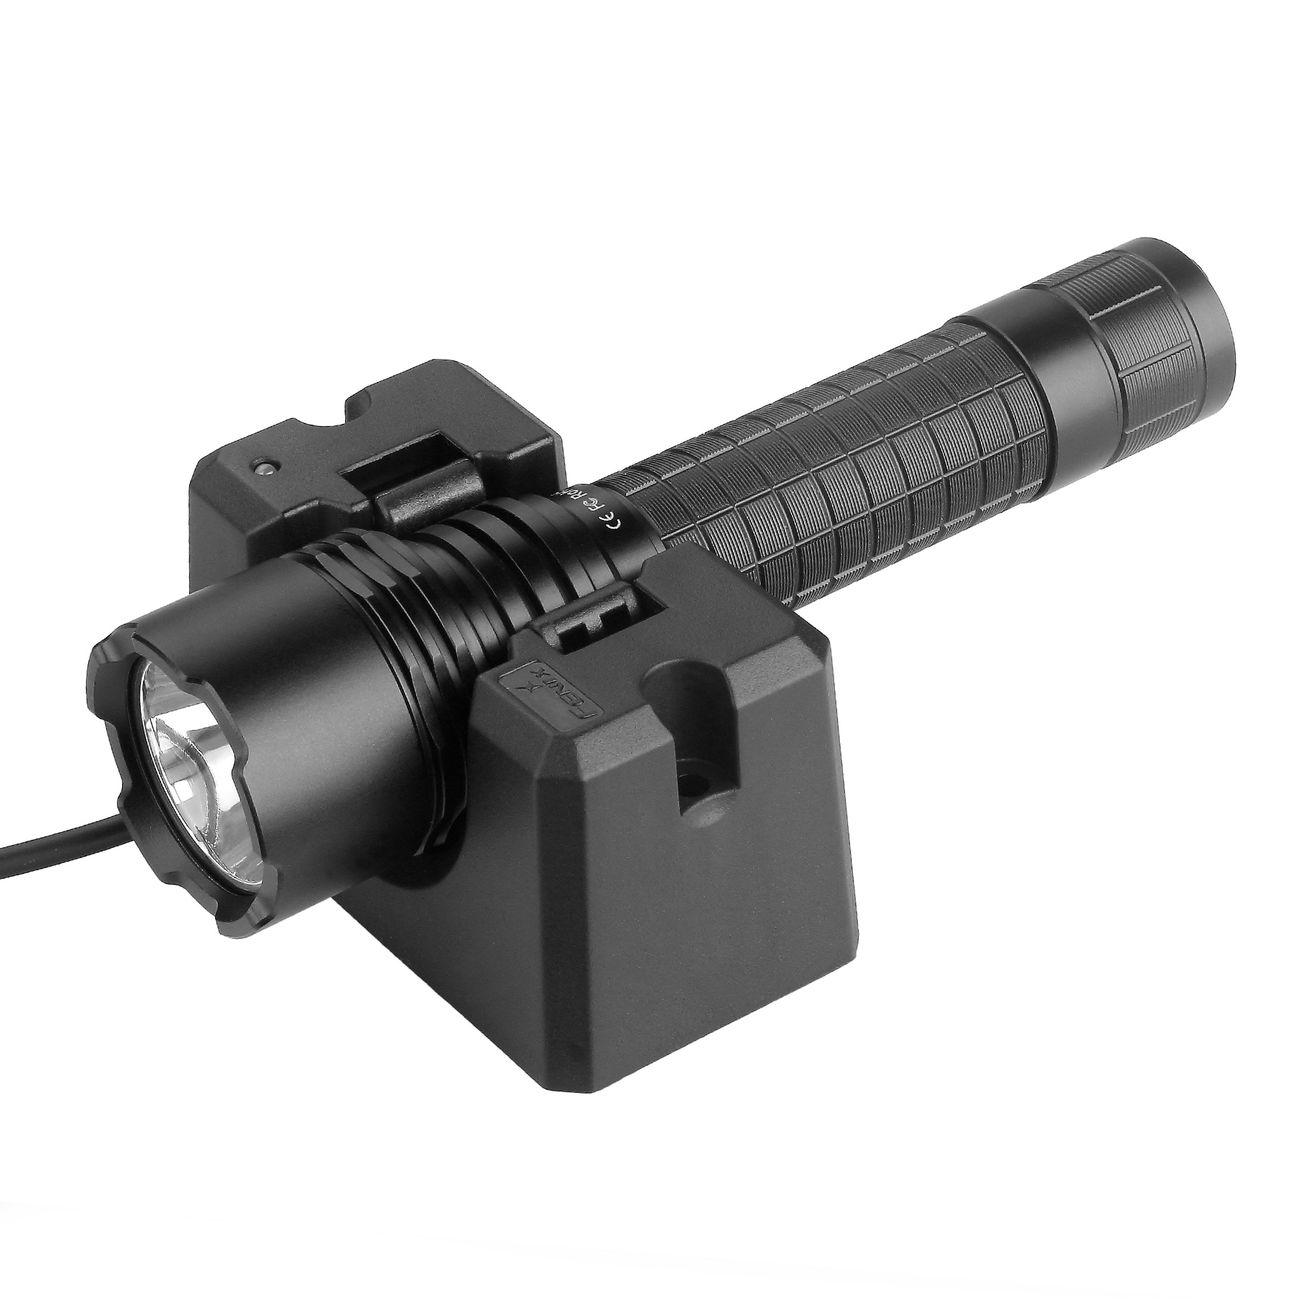 fenix led taschenlampe rc20 1000 lumen schwarz kotte. Black Bedroom Furniture Sets. Home Design Ideas